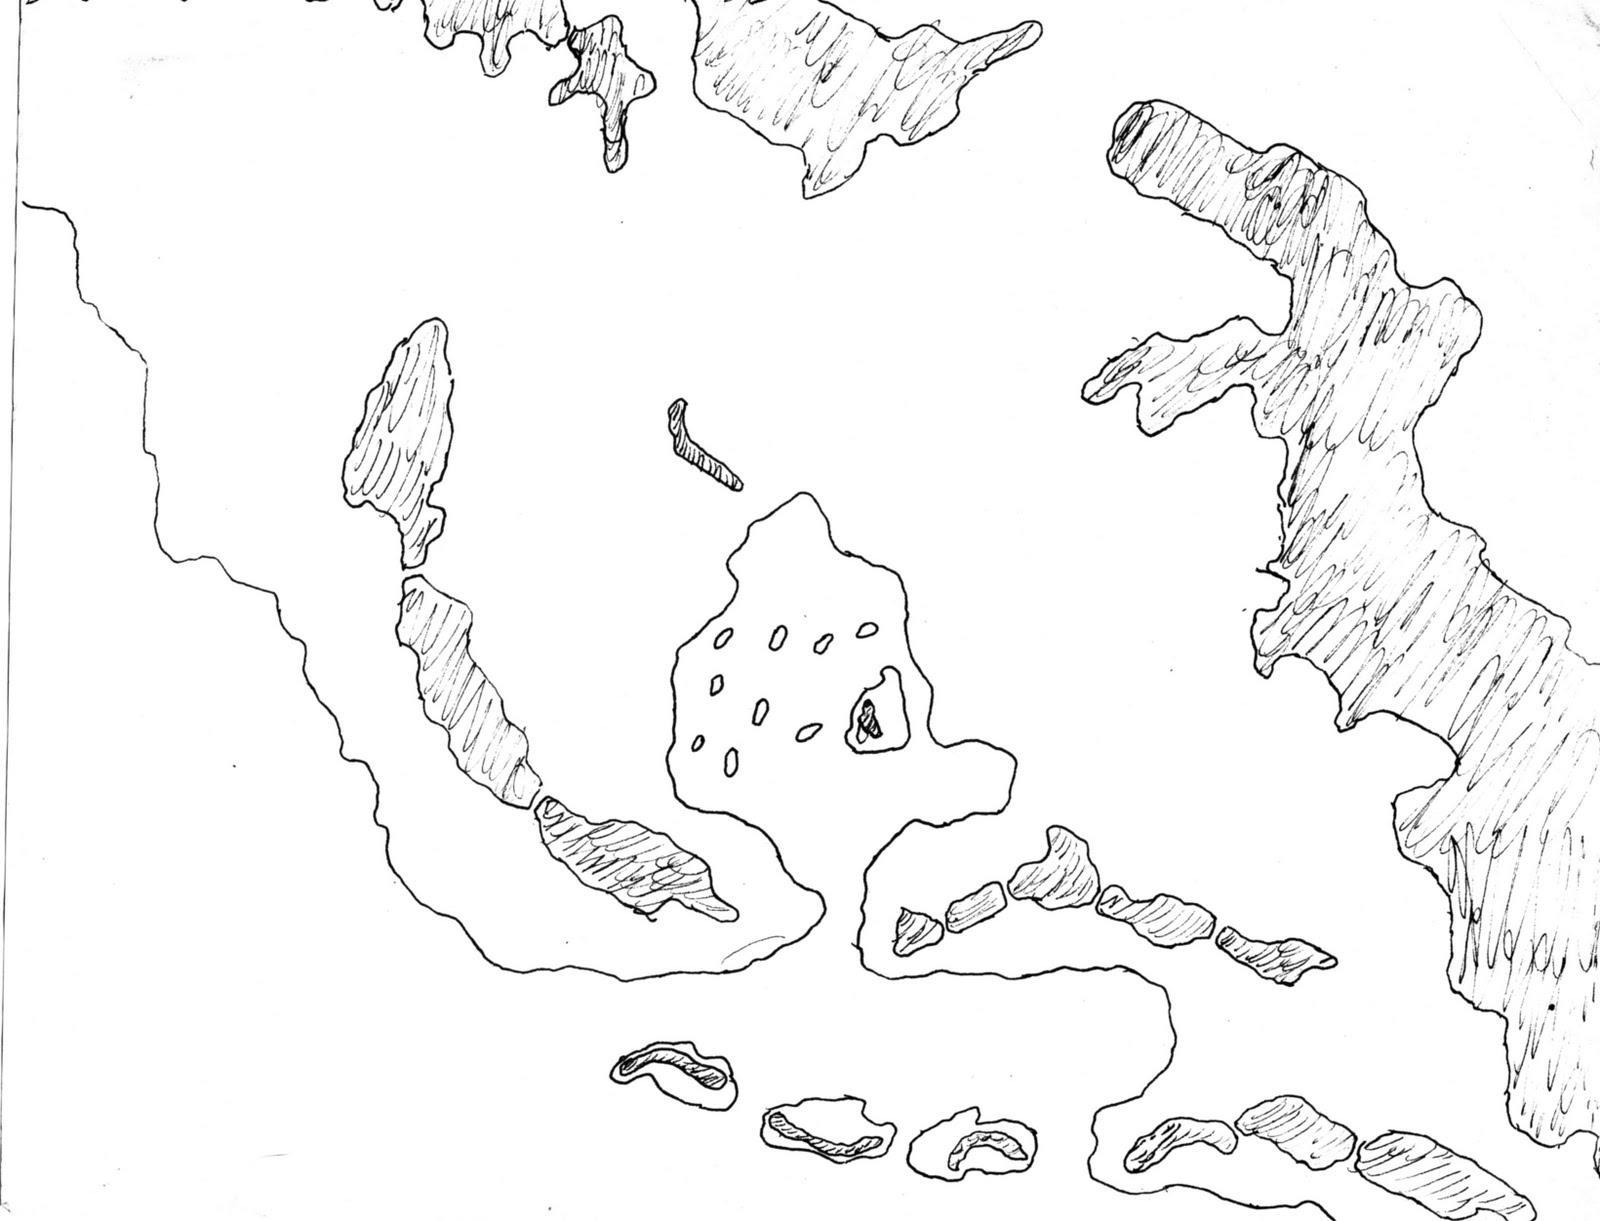 basemap2.jpg